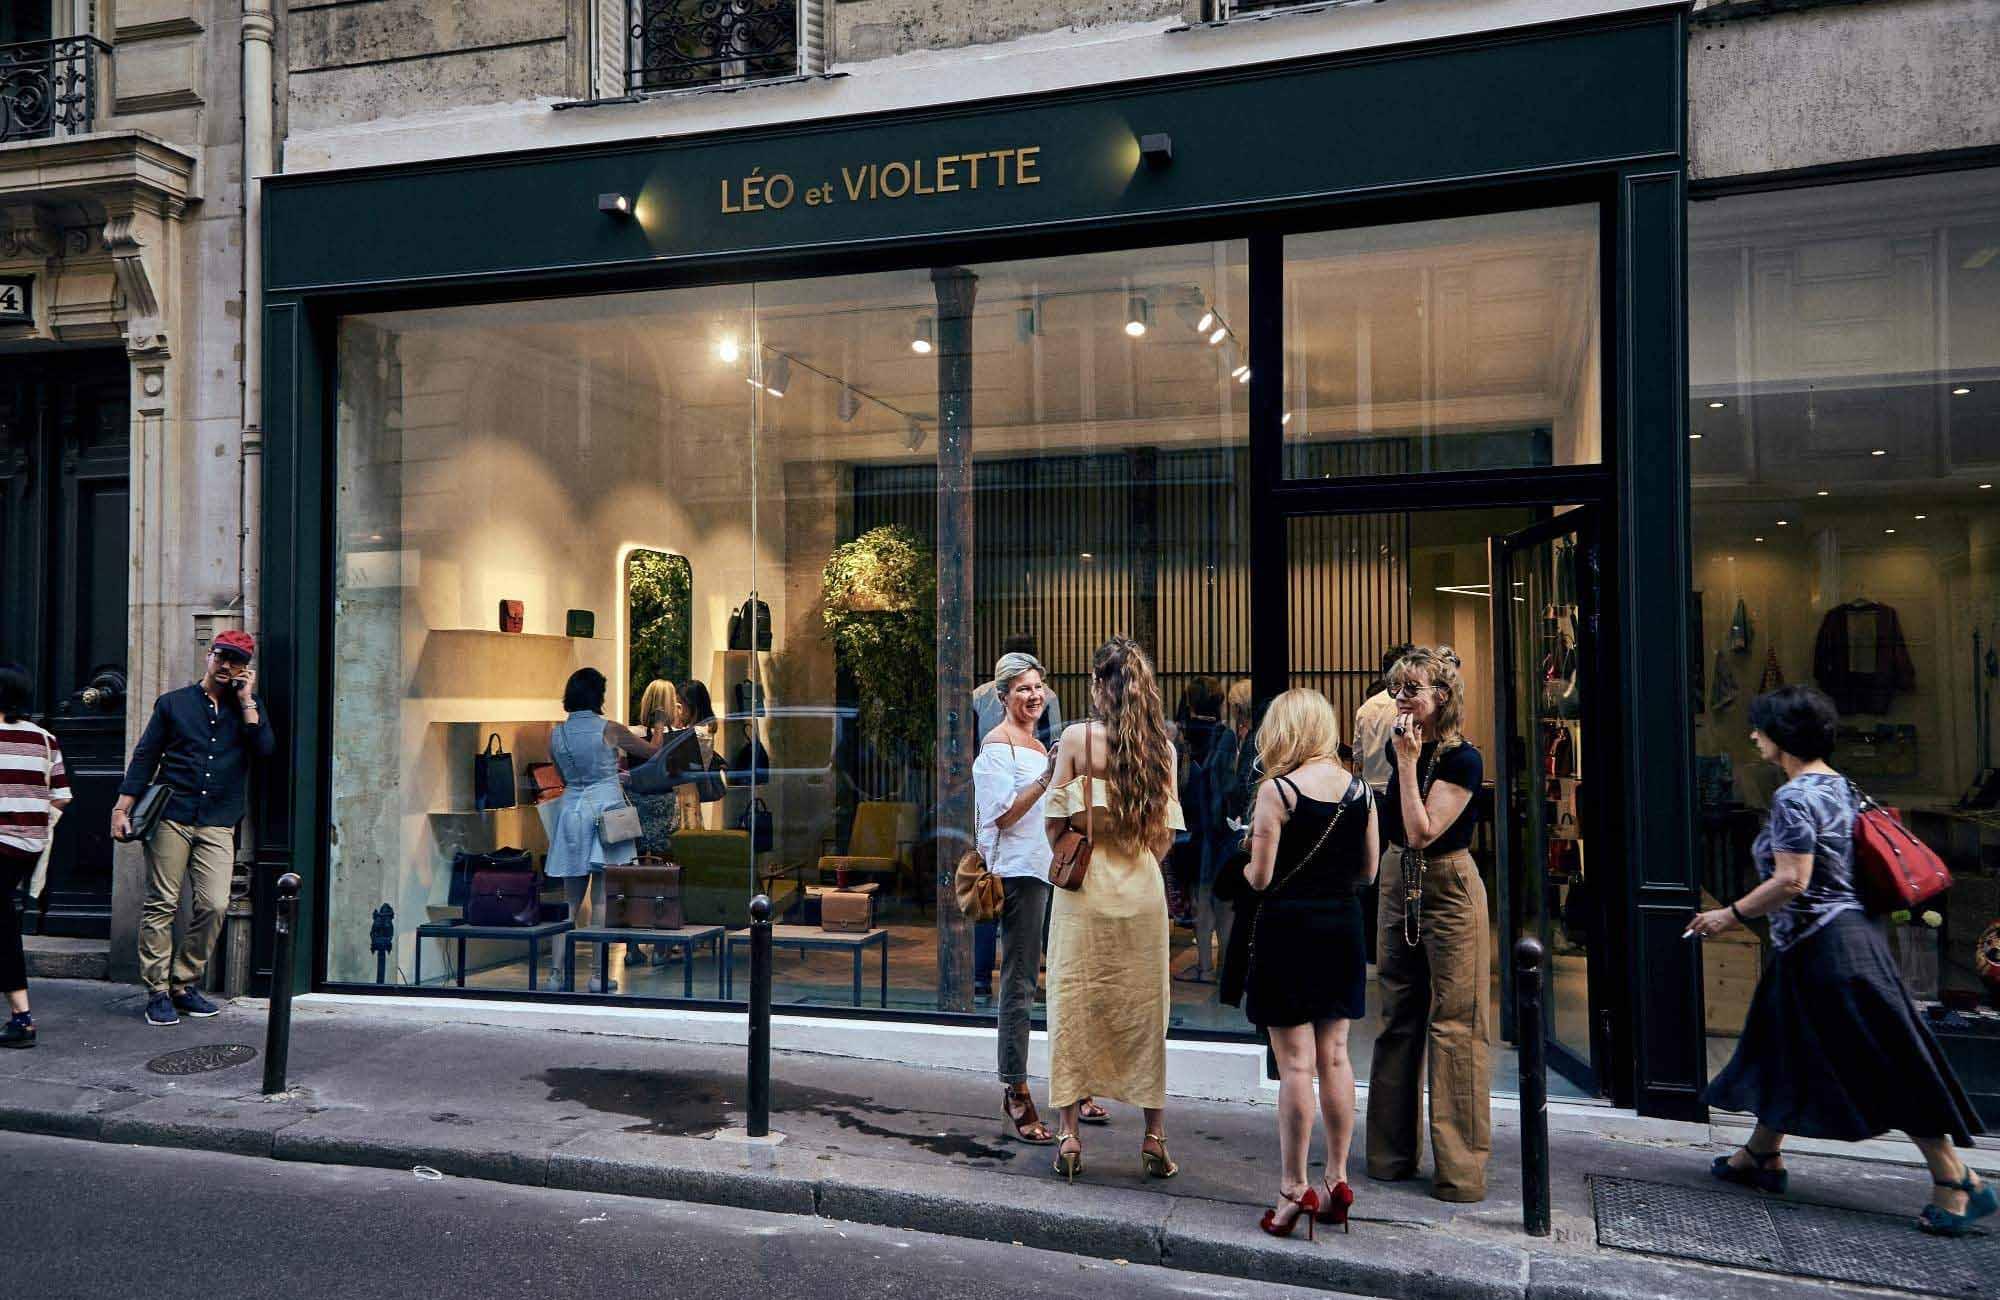 le-studio-leo-et-violette-photo-de-yann-deret